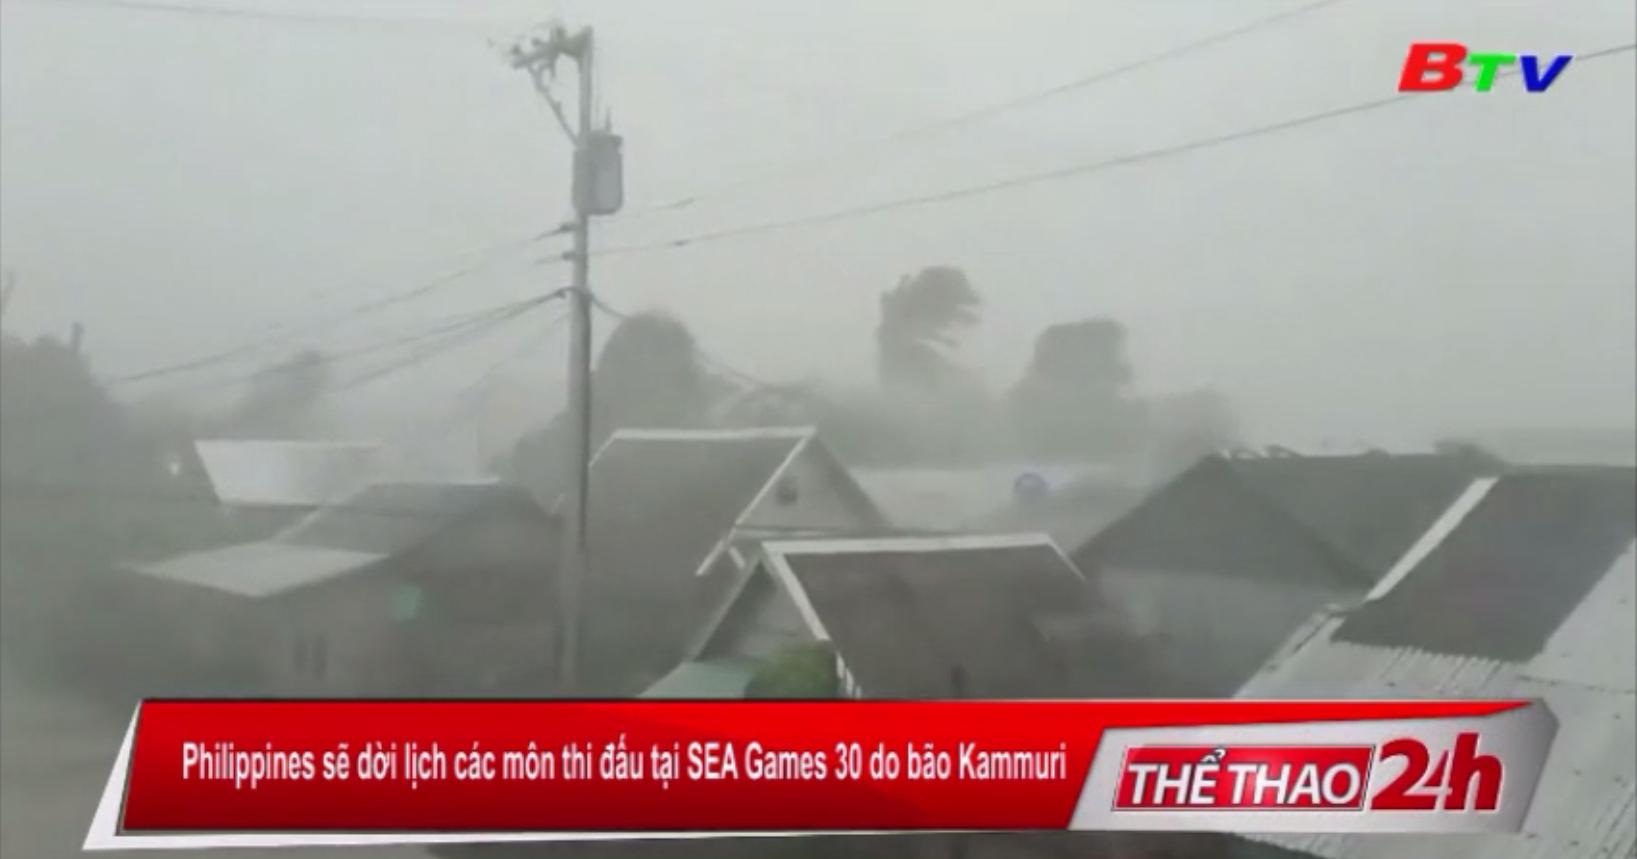 Philippines sẽ dời lịch các môn thi đấu tại SEA Games 30 do bão Kammuri